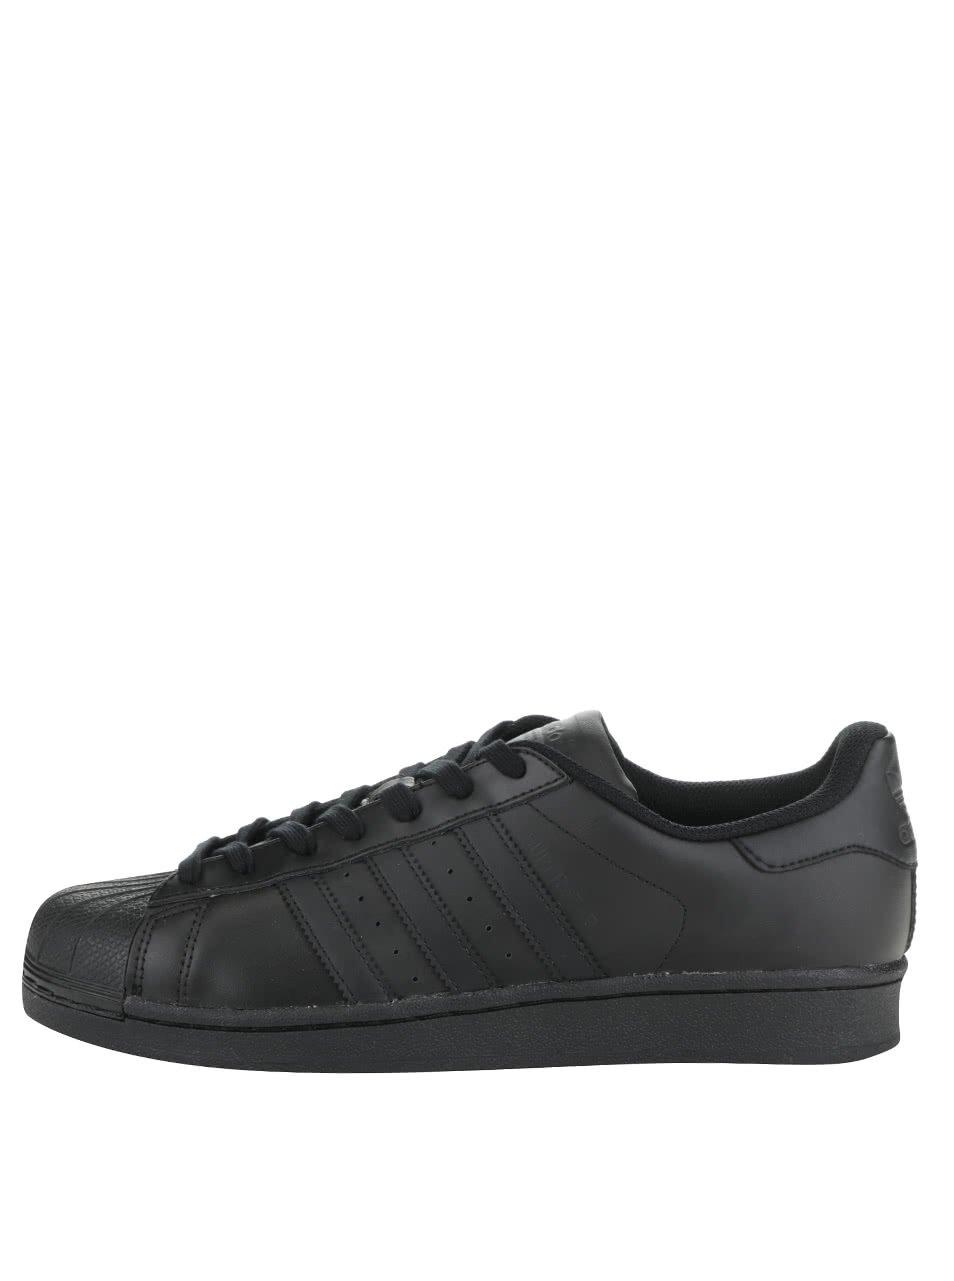 Černé pánské kožené tenisky adidas Originals Superstar